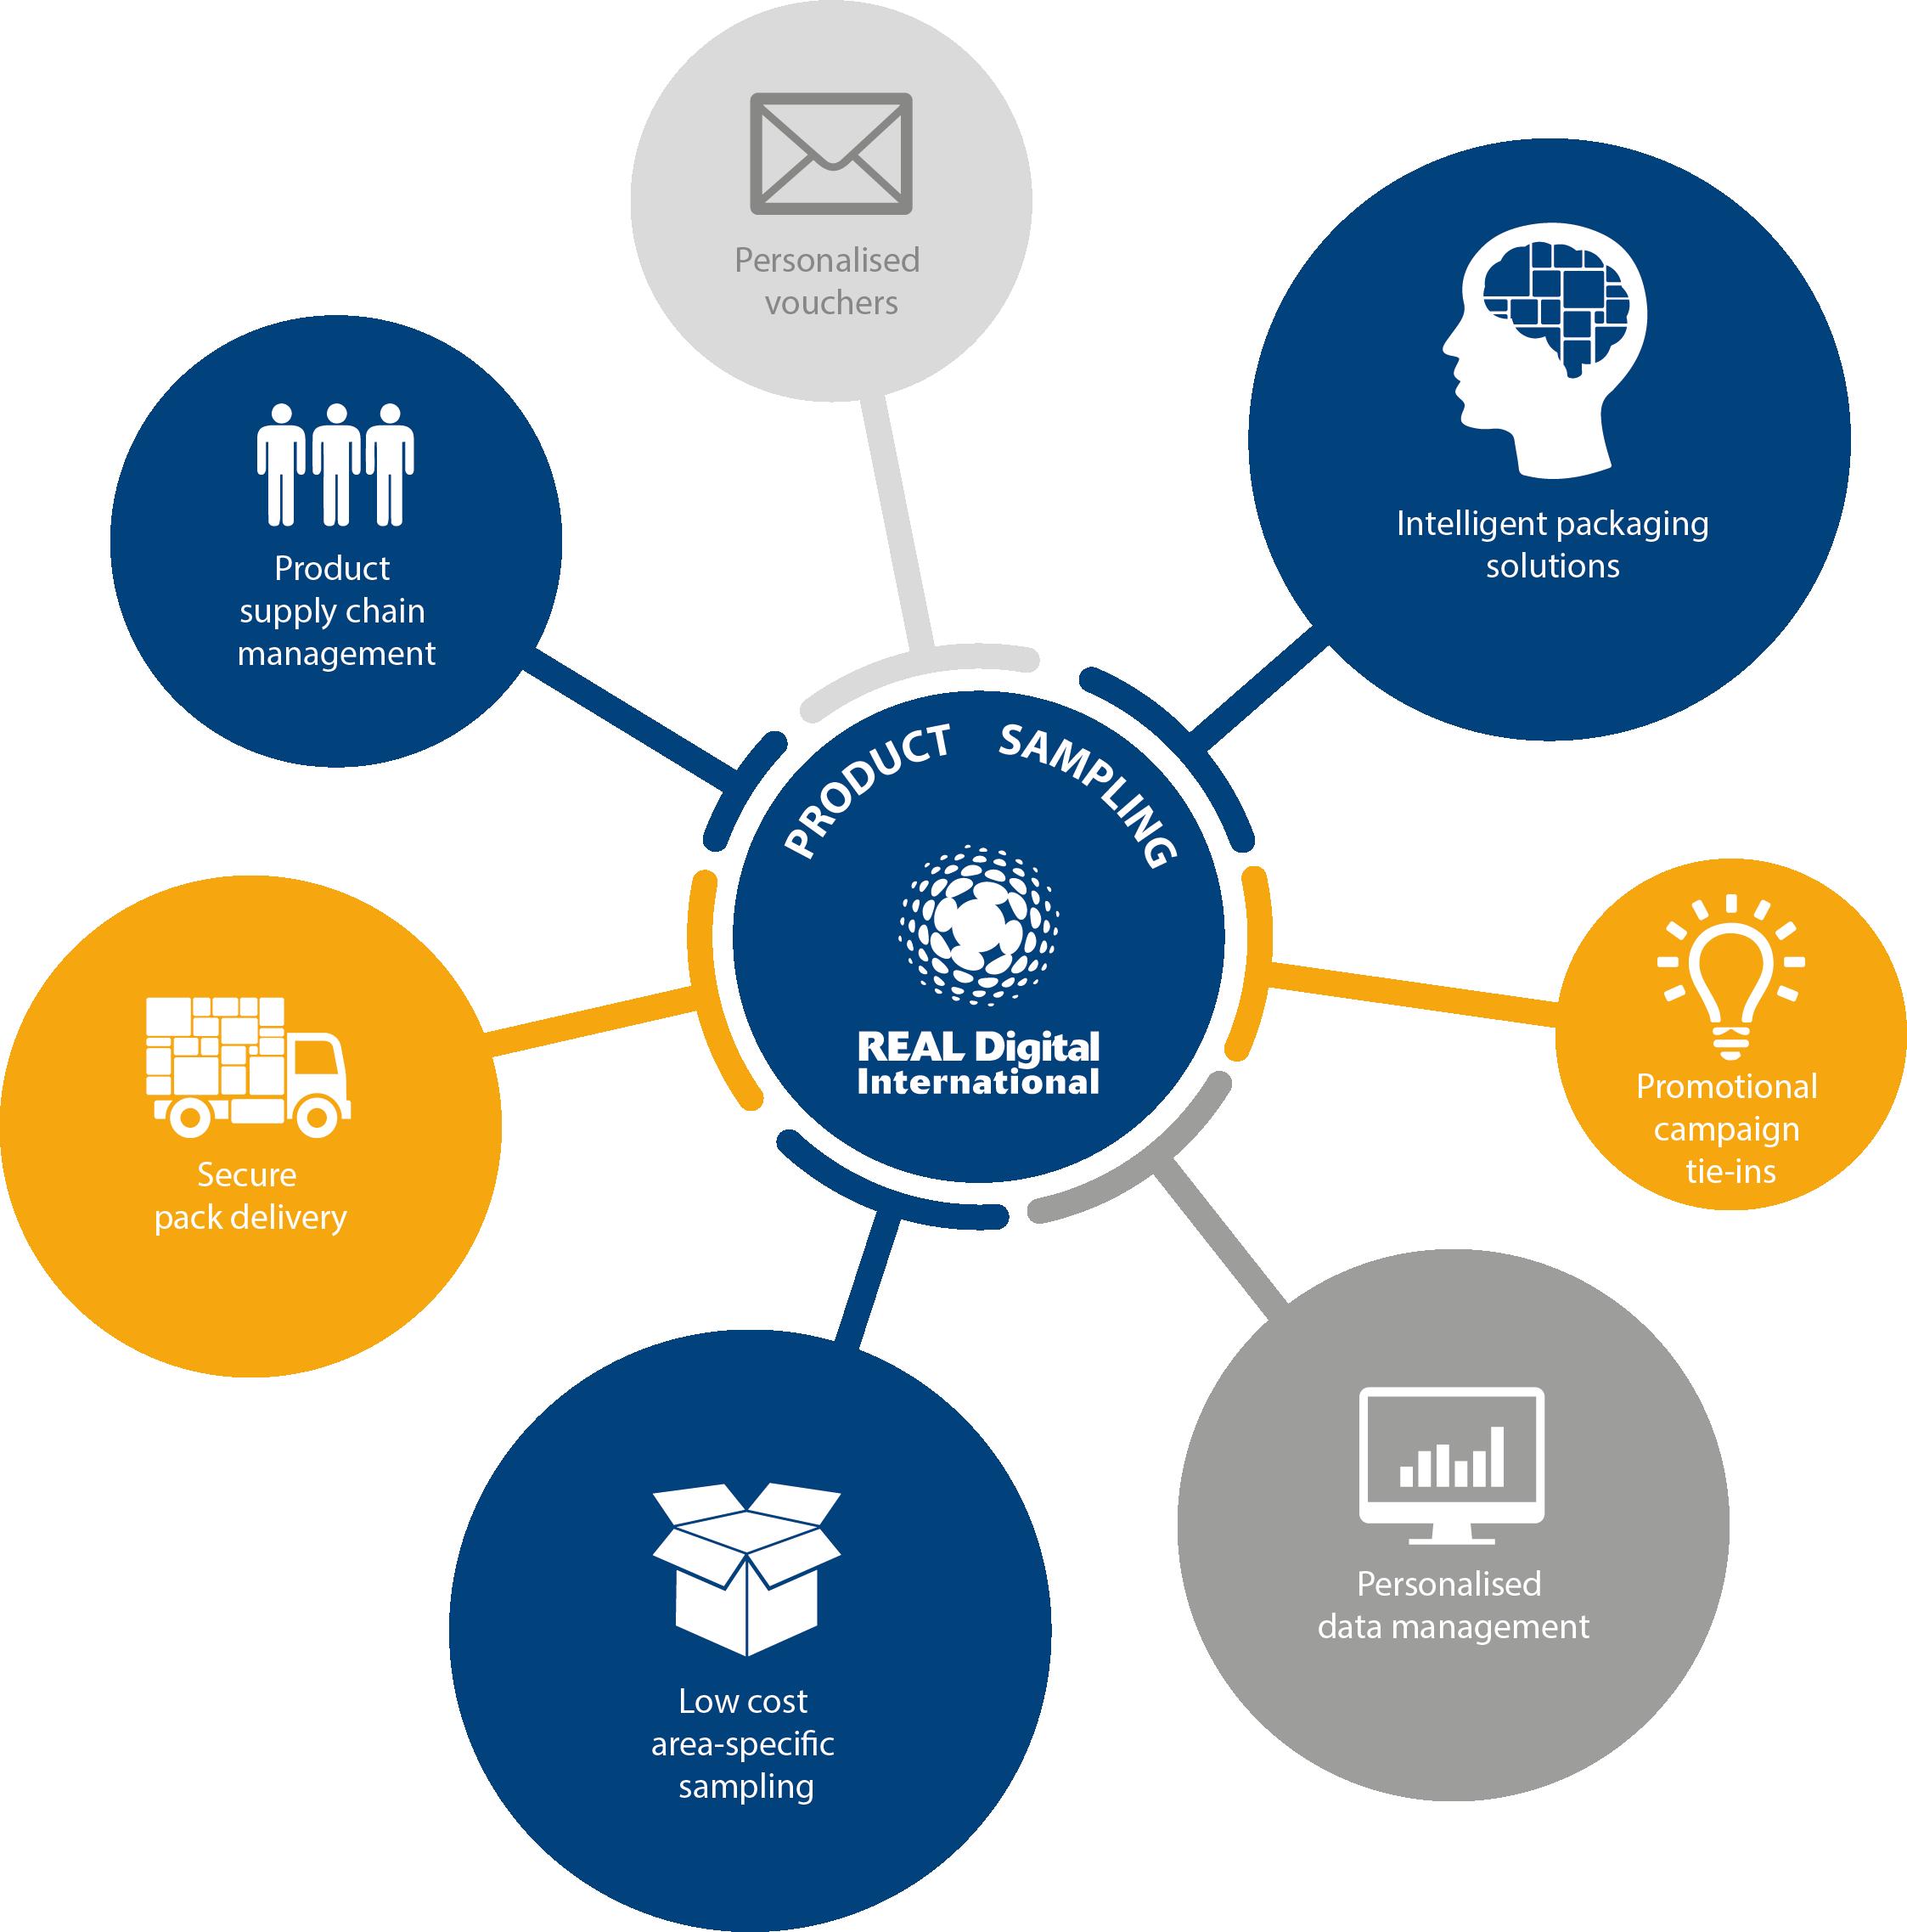 Solutions | REAL Digital International